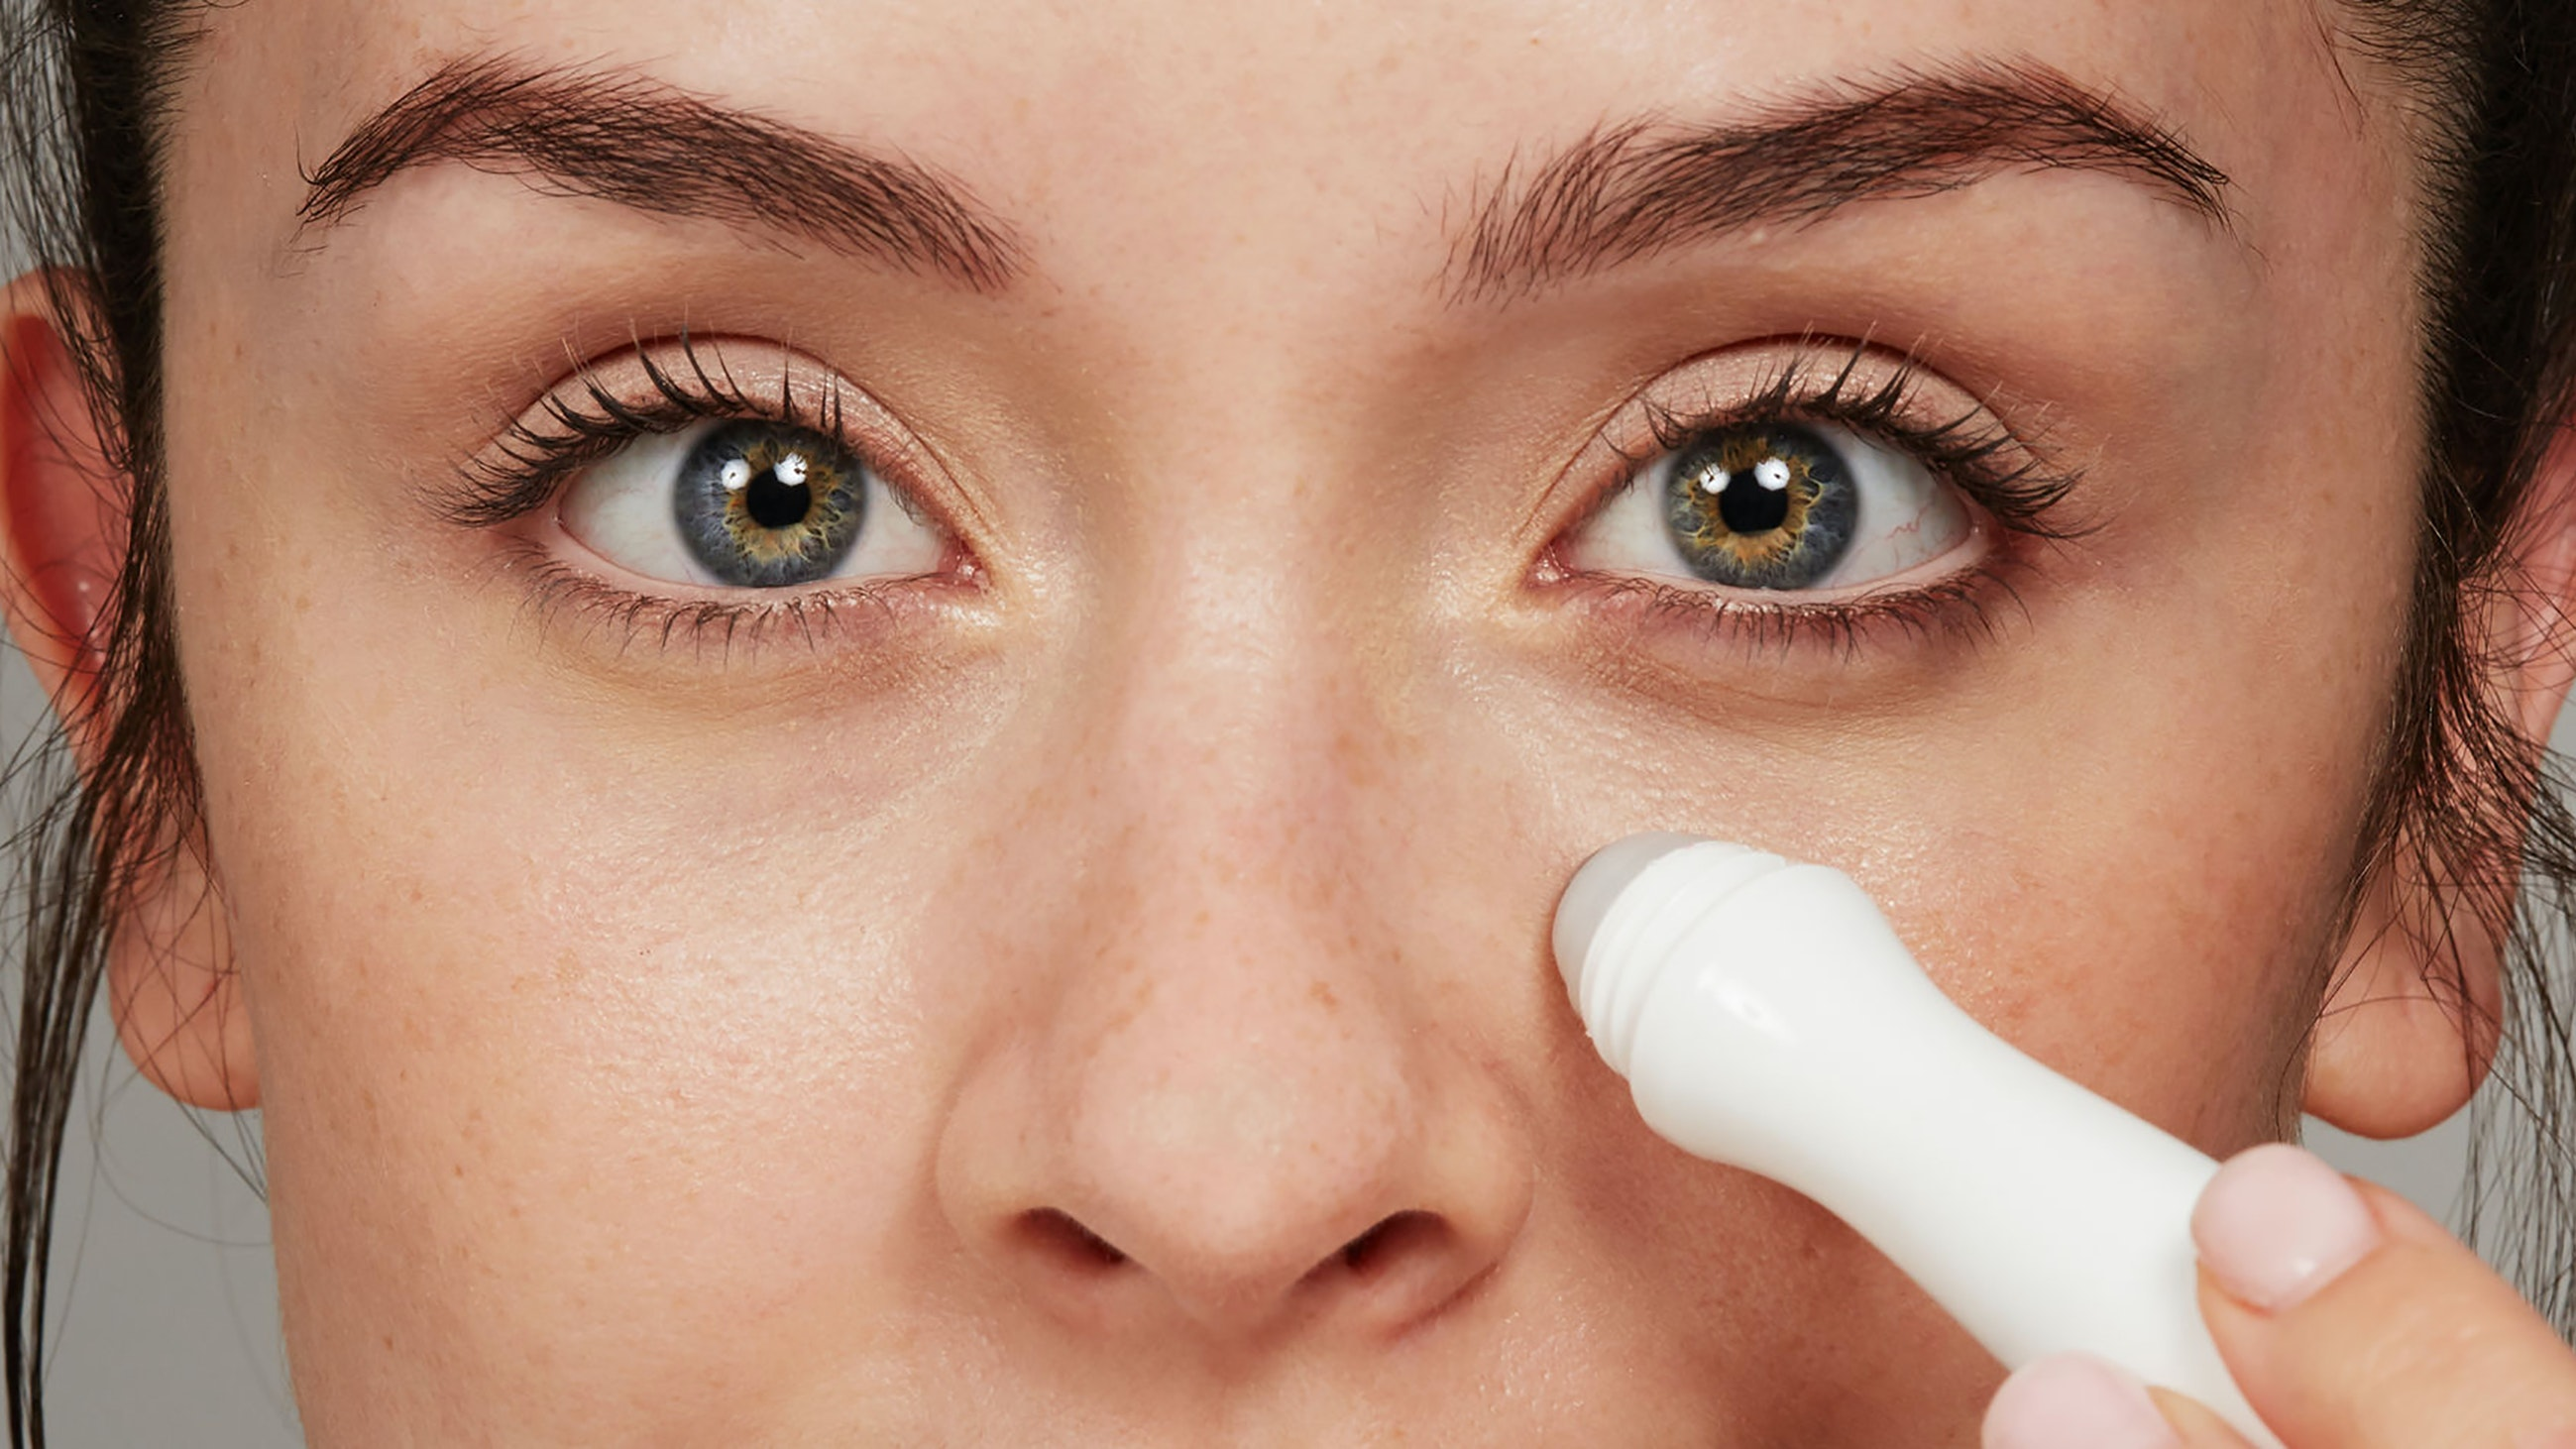 Under Eye Collagen Beauty Shot With Collagen Roller